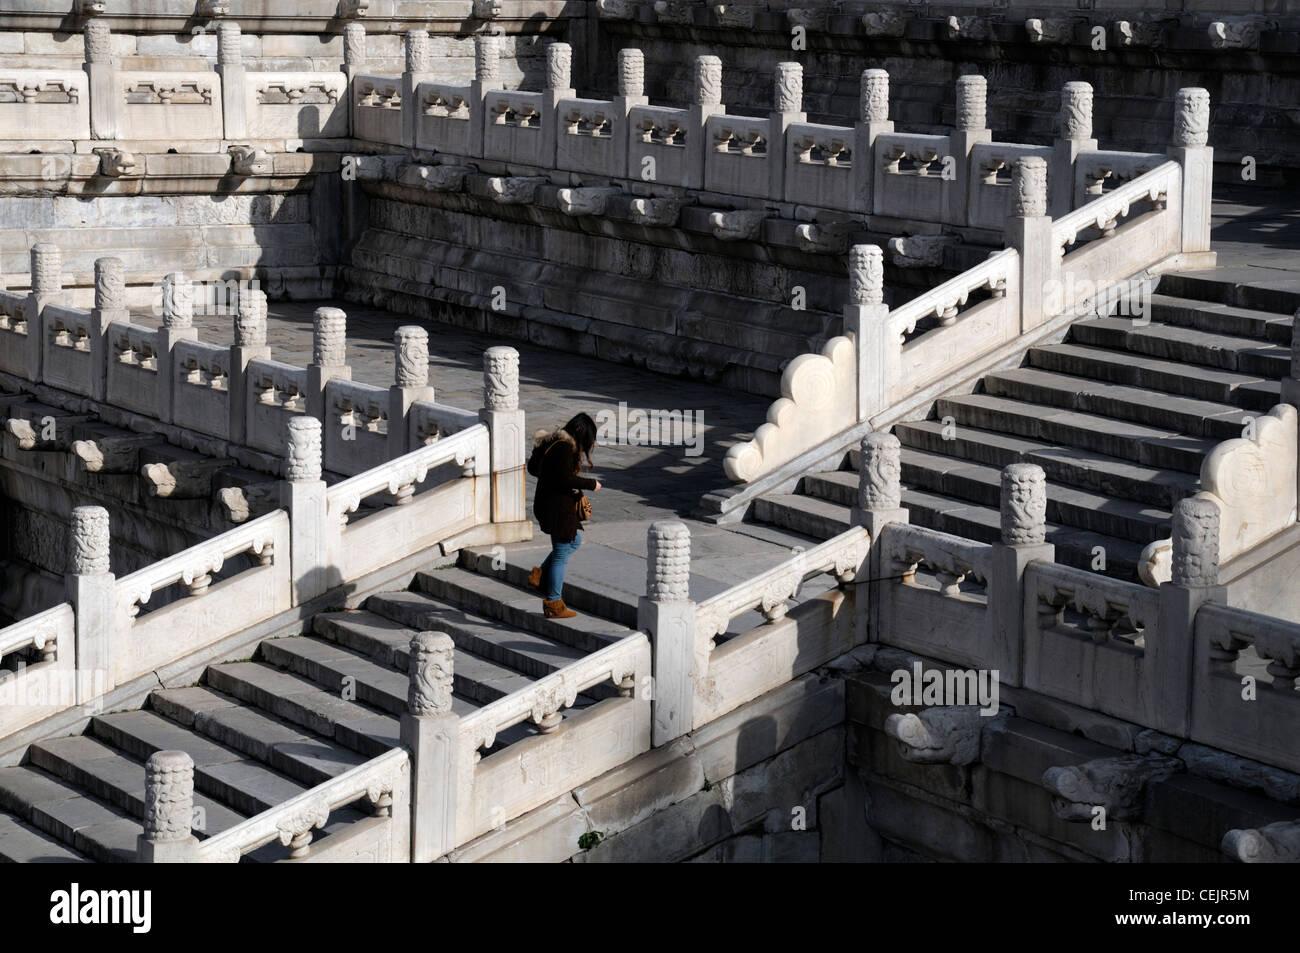 marmor-terrasse terrassen stufen treppe komplizierten details äußere